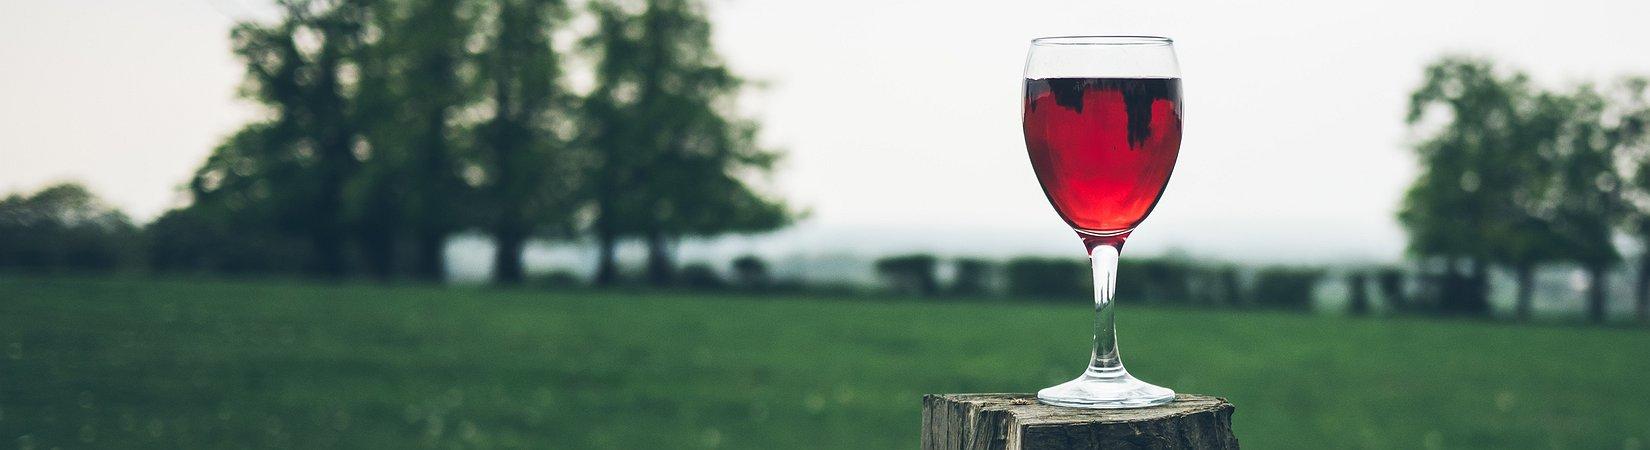 3 Factos curiosos sobre o vinho